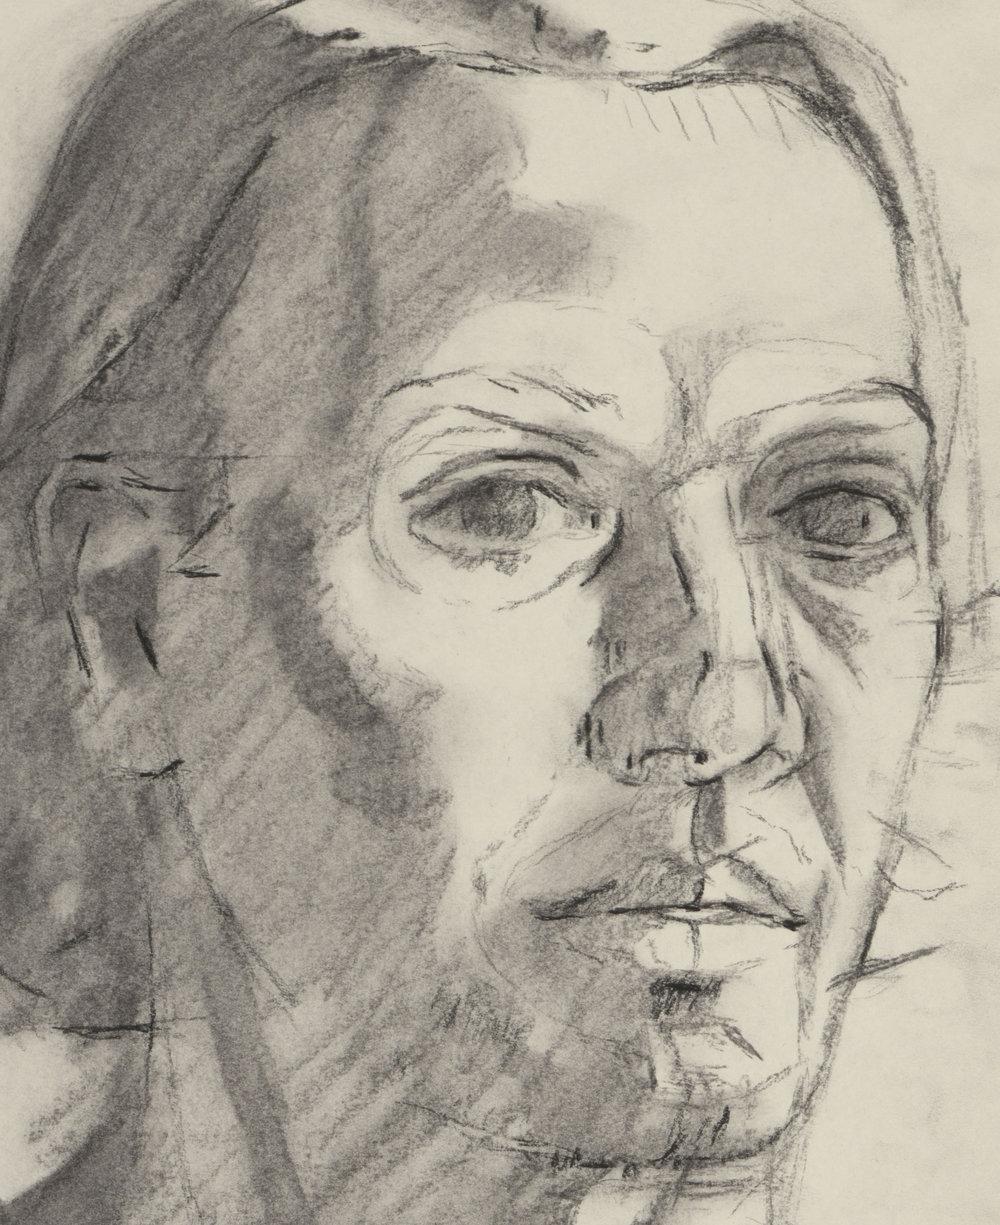 Birthday Portrait. Feb 19, 2016, age 35